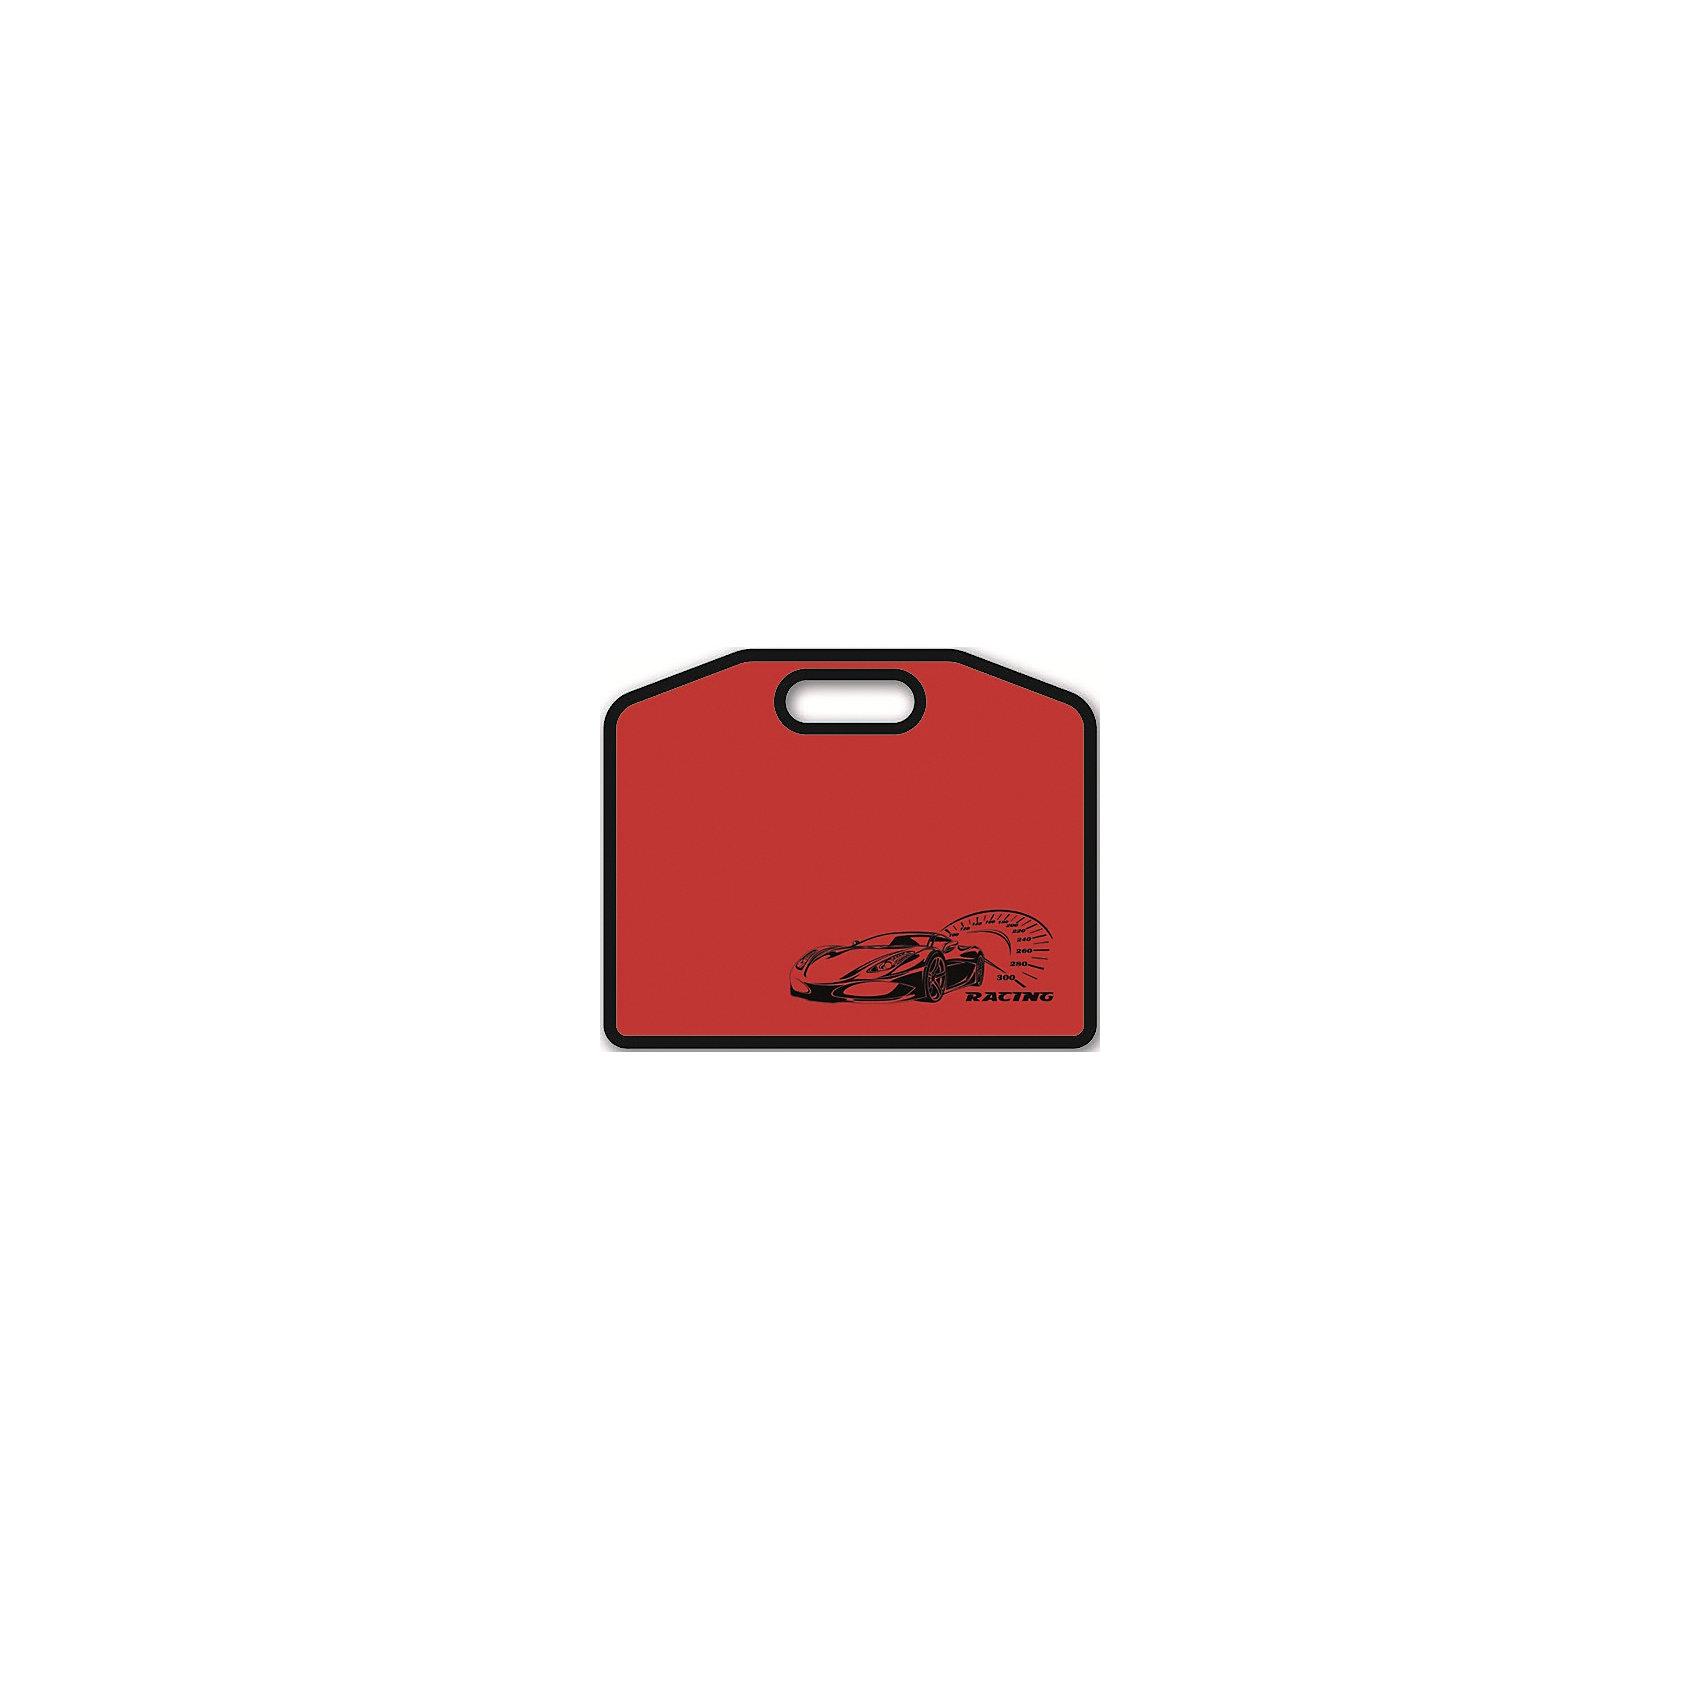 Портфель пластиковый для тетрадей Авто на красном, А4Переносить и хранить тетради в портфеле - это удобно, так они не испачкаются, не помнутся и не потеряются. Занятия ребенка в школе всегда требуют приобретения атрибутов для учебы. Так пусть они будут стильными и качественными! Ведь учиться с ними - намного приятней.<br>Этот симпатичный портфель для тетрадей  - стандартного формата А4. Он сделана из плотного пластика, дополнен удобными ручками для переноски. Украшен  принтом, который понравится мальчишкам. Очень удобно застегивается на молнию. Изделие произведено из качественных и безопасных для ребенка материалов.<br><br>Дополнительная информация:<br><br>цвет: красный;<br>формат: А4;<br>материал: пластик;<br>застежка: молния, ручки.<br><br>Портфель пластиковый для тетрадей Авто на красном, А4 можно купить в нашем магазине.<br><br>Ширина мм: 370<br>Глубина мм: 300<br>Высота мм: 10<br>Вес г: 195<br>Возраст от месяцев: 72<br>Возраст до месяцев: 144<br>Пол: Мужской<br>Возраст: Детский<br>SKU: 4746232